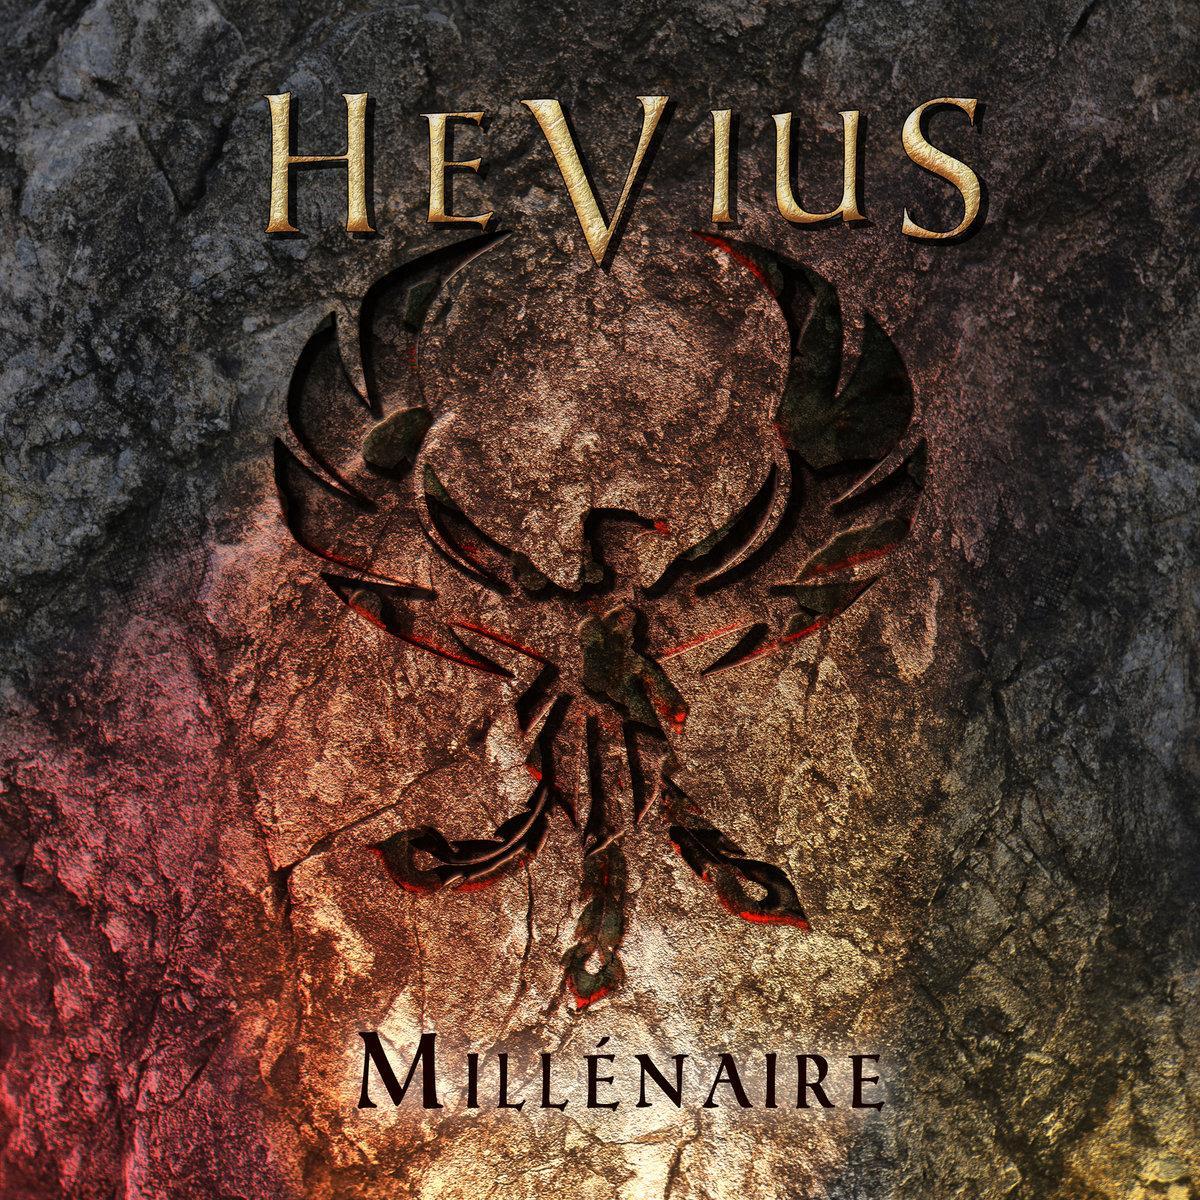 Chronique d'Album : HEVIUS (Heavy Mélodique), Millénaire (2020)